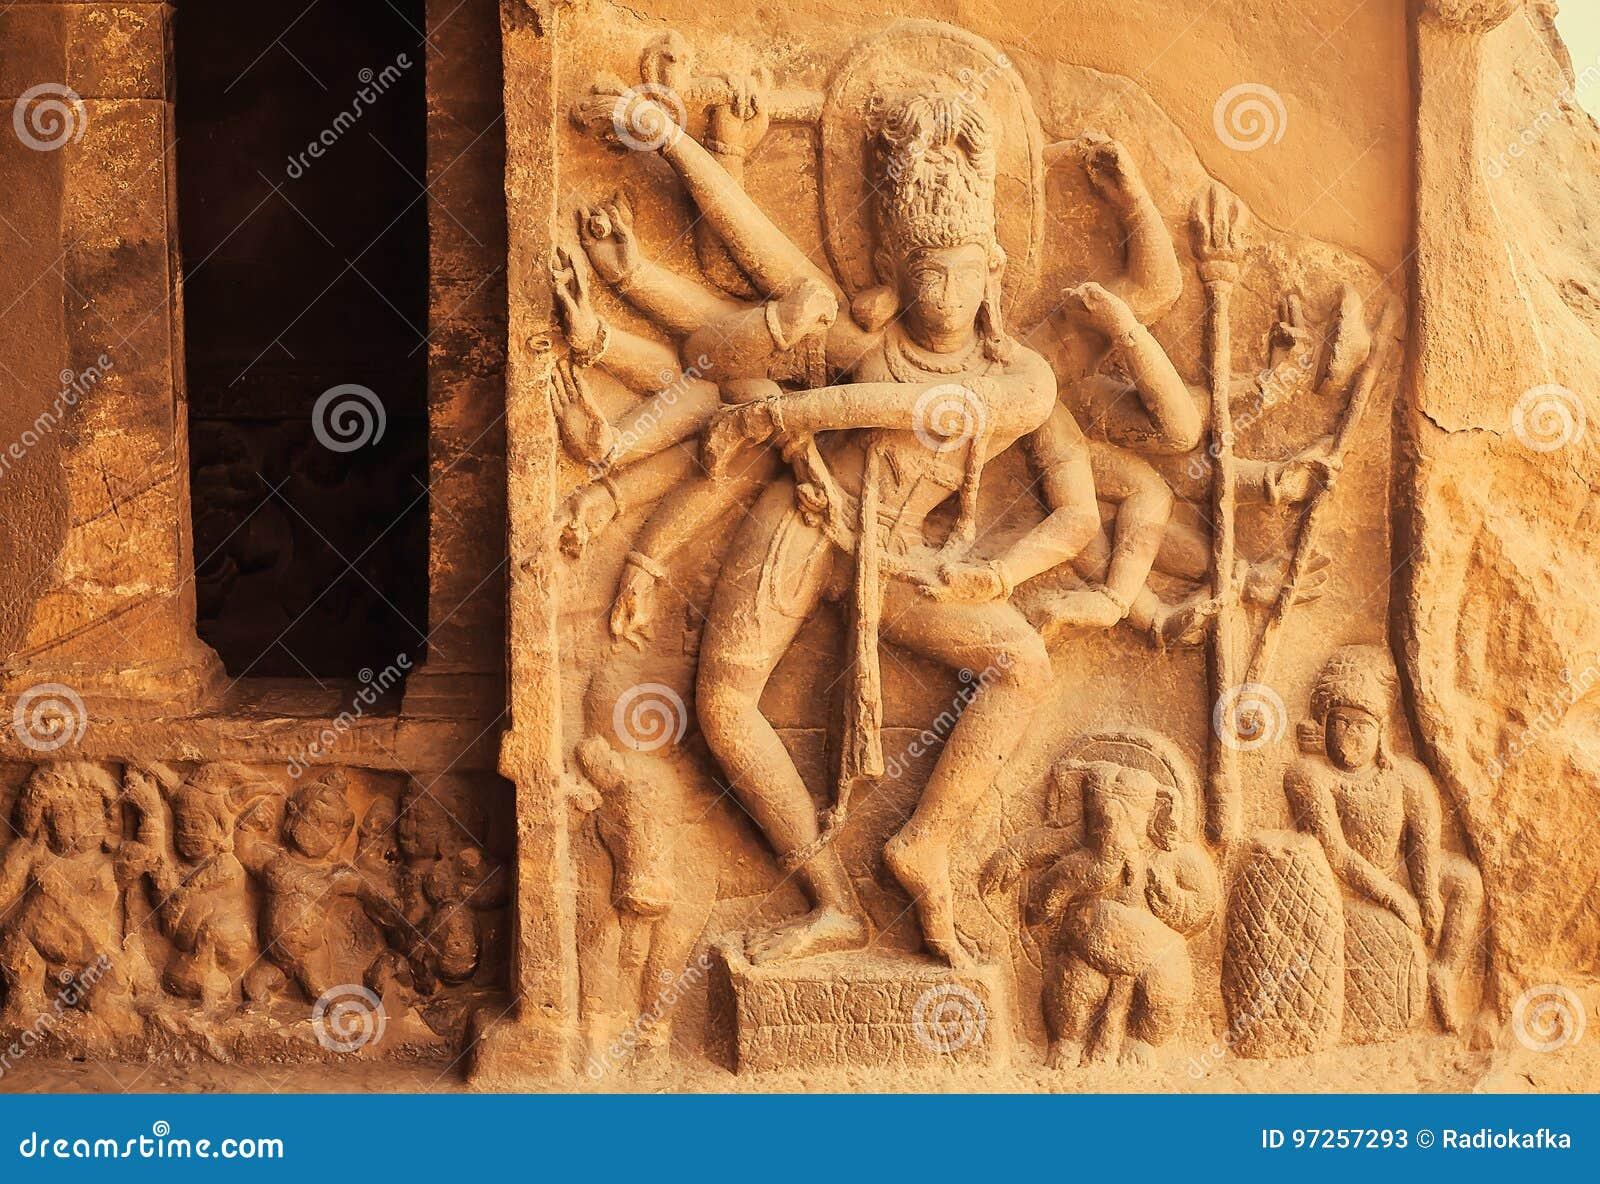 Taniec Shiva władyka z dużo ręki Wejście Hinduska świątynia z 6th wiek ulgami Antyczna Indiańska Architektura